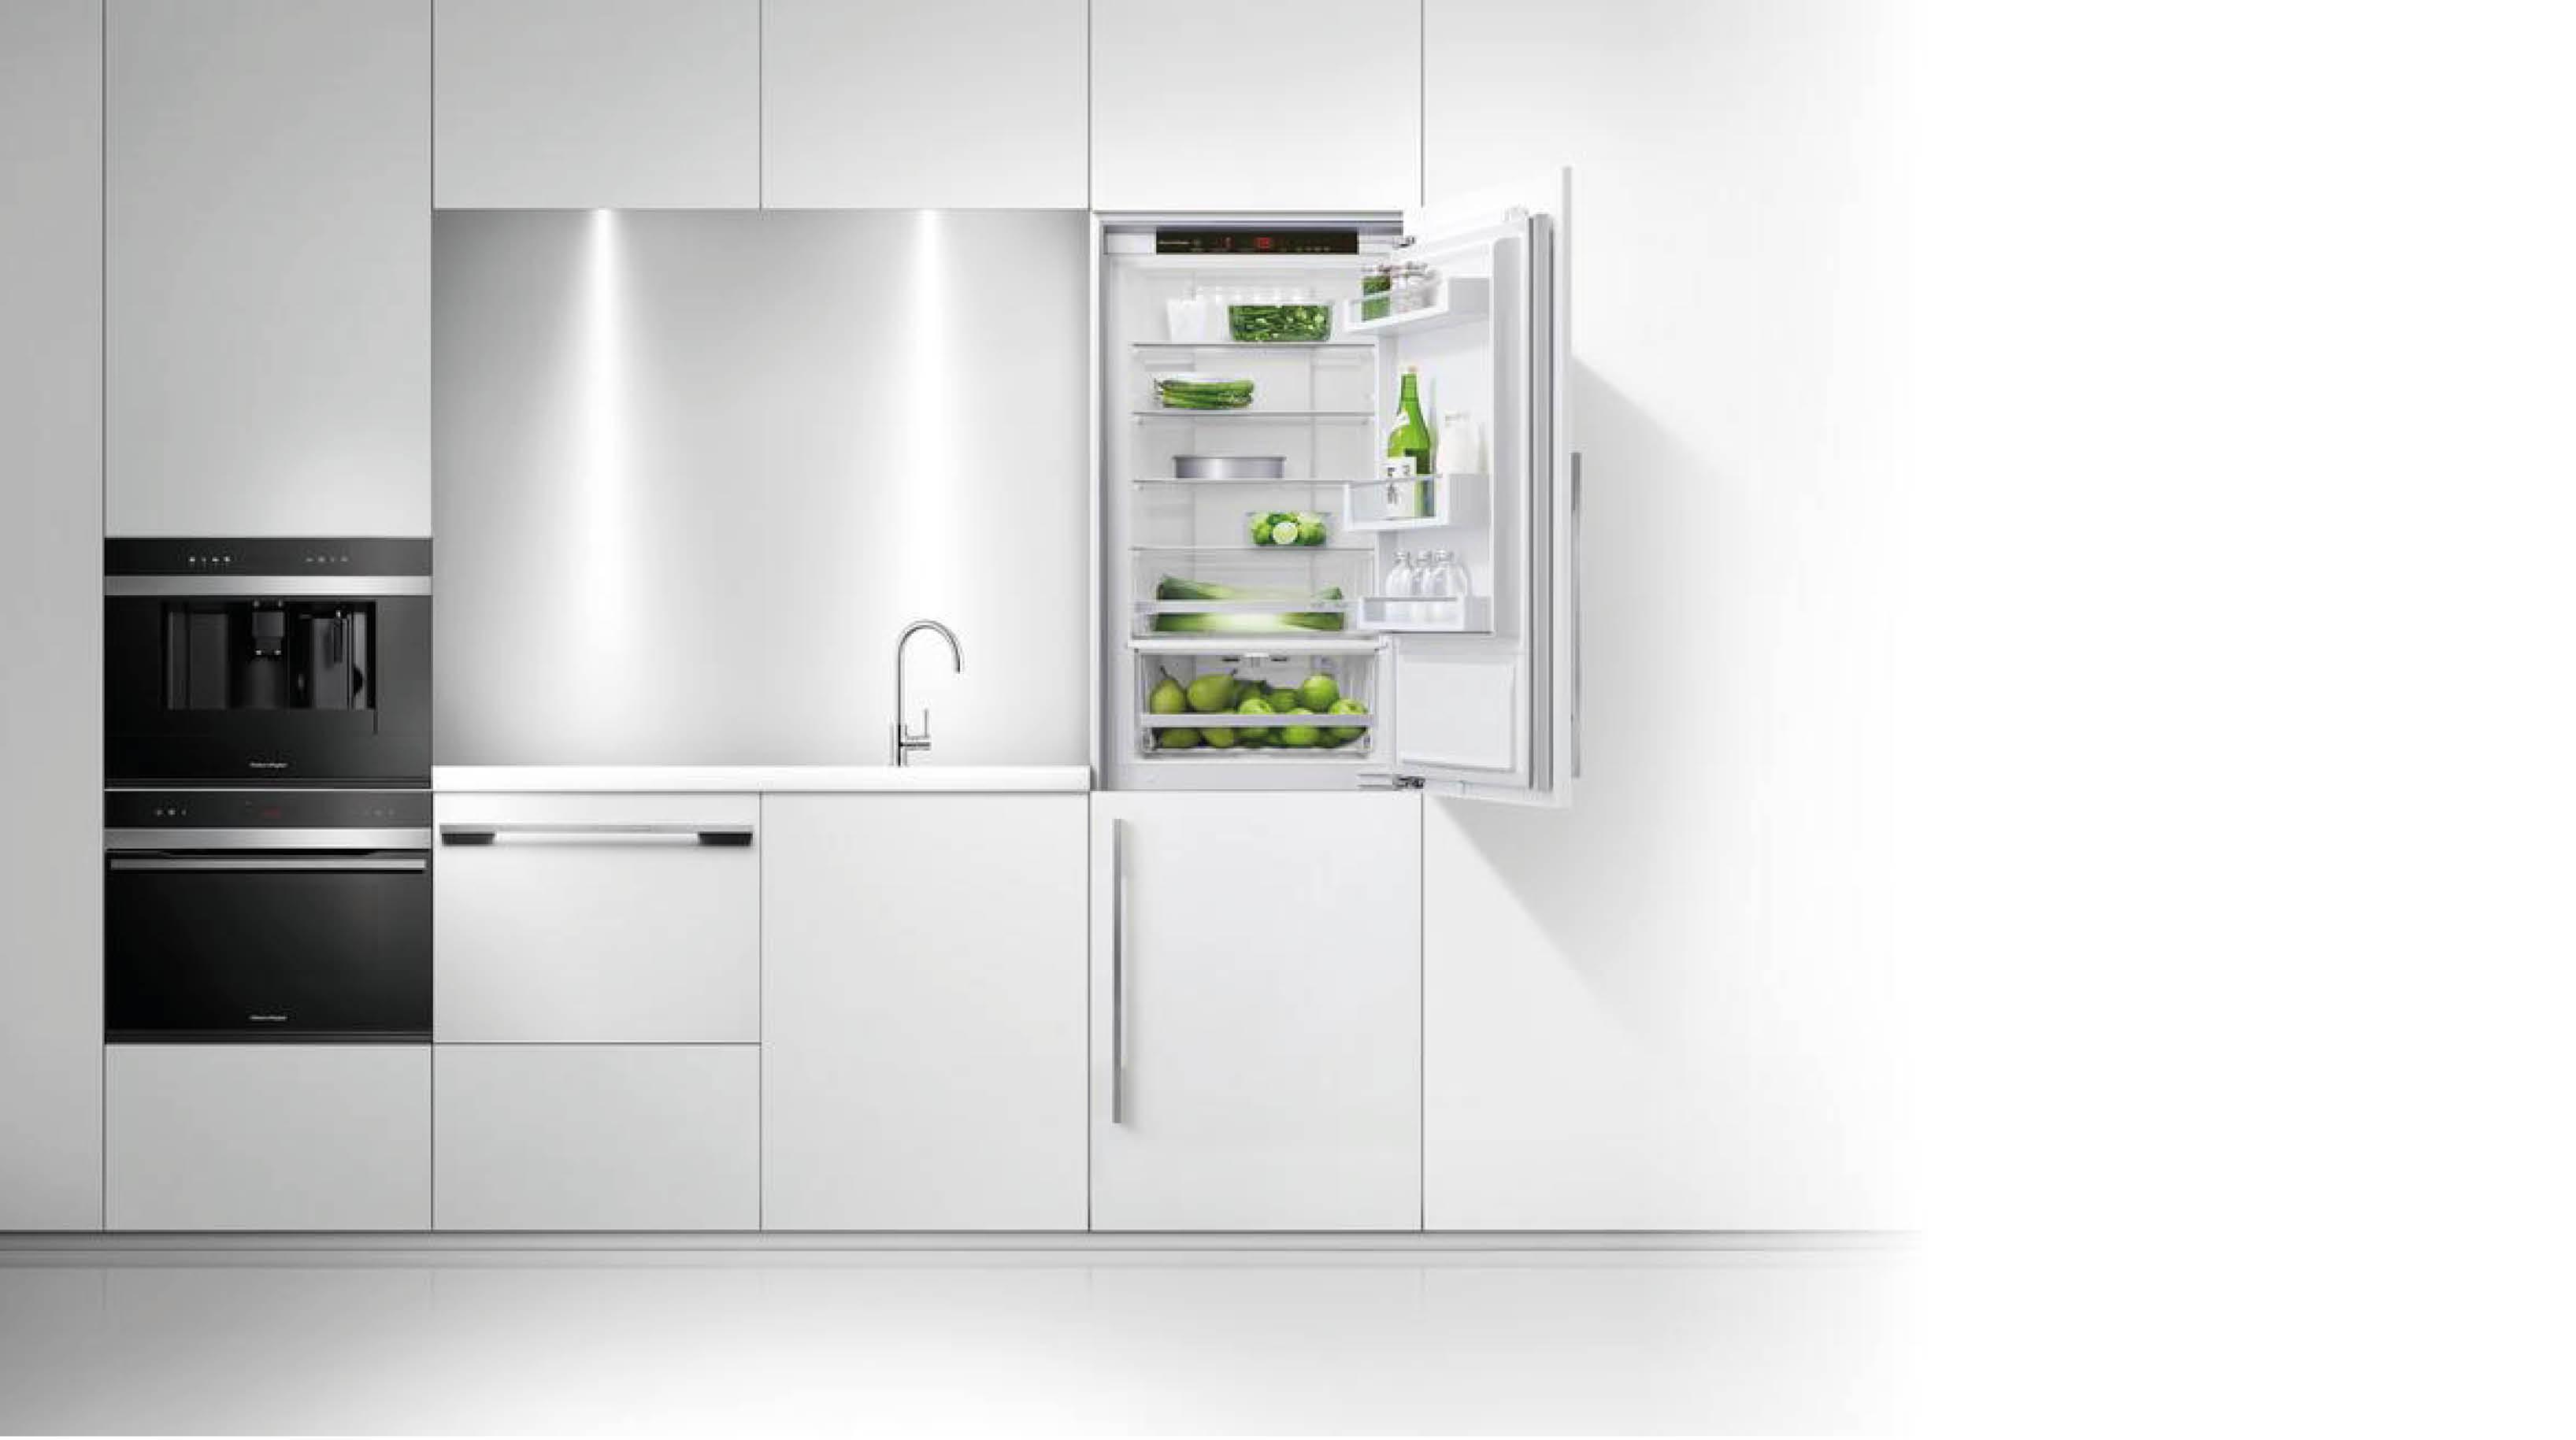 14 conseils pour conomiser de l nergie en cuisine myshopi blog. Black Bedroom Furniture Sets. Home Design Ideas